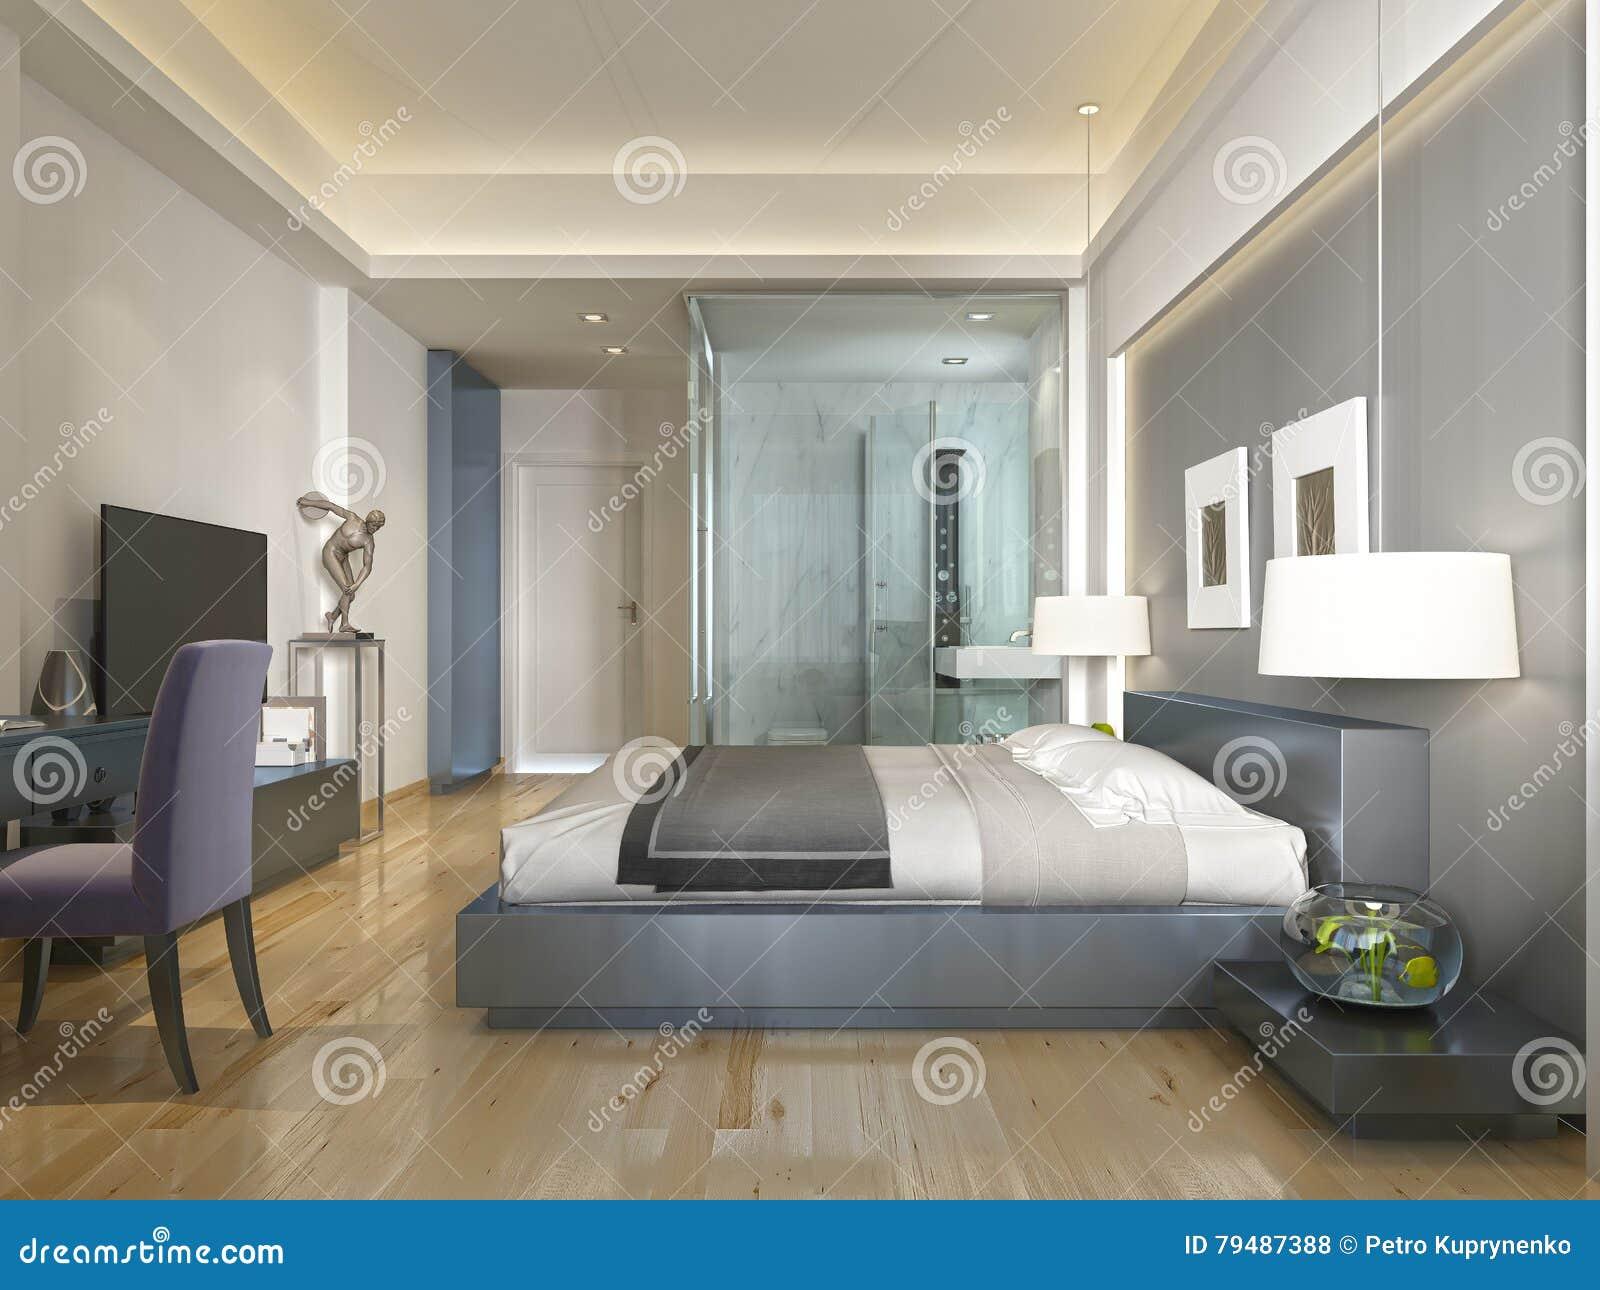 Estilo contempor neo moderno de la habitaci n con los elementos del art d co stock de - Deco modern kamerontwerp ...